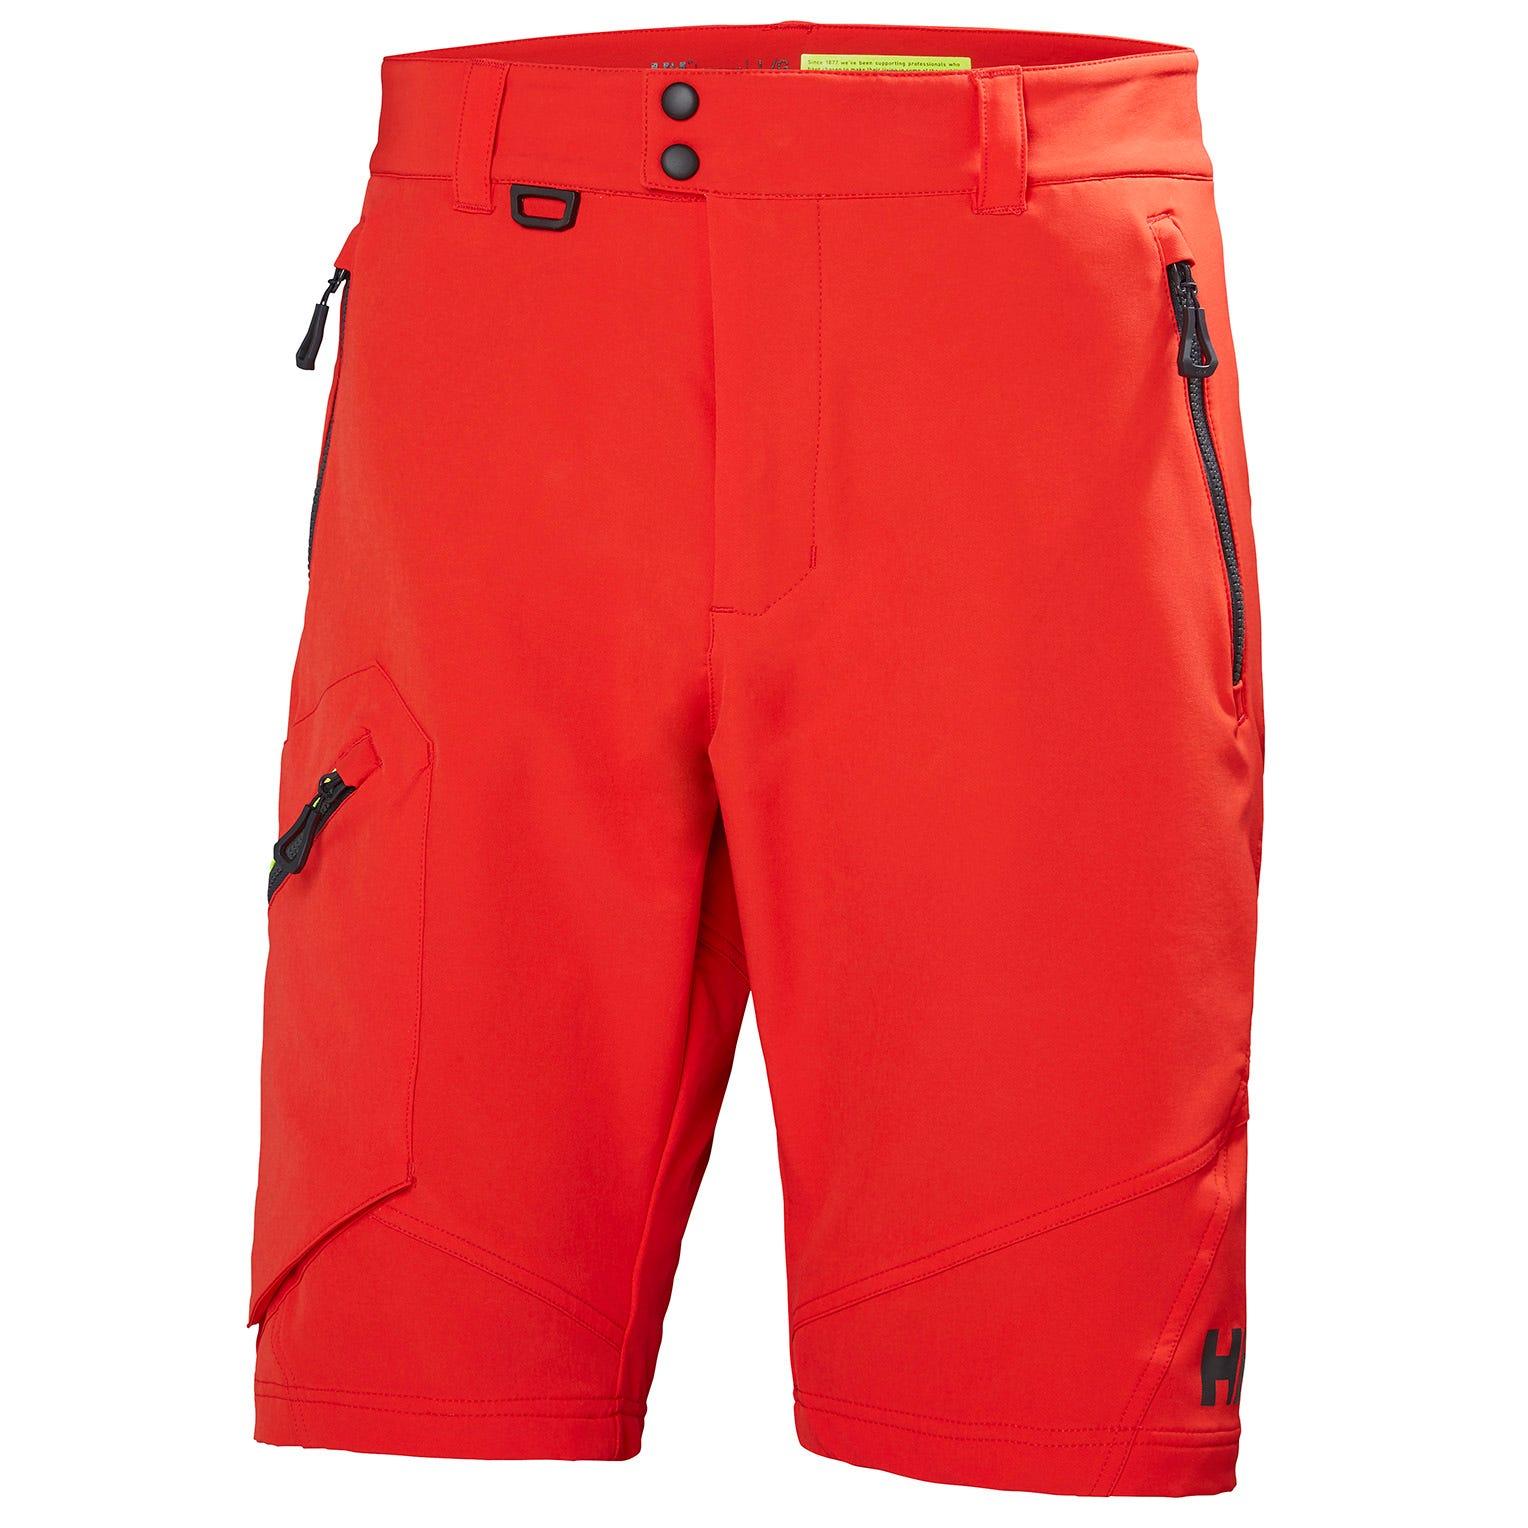 Helly Hansen Hp Softshell Shorts Mens Sailing Pant Red S